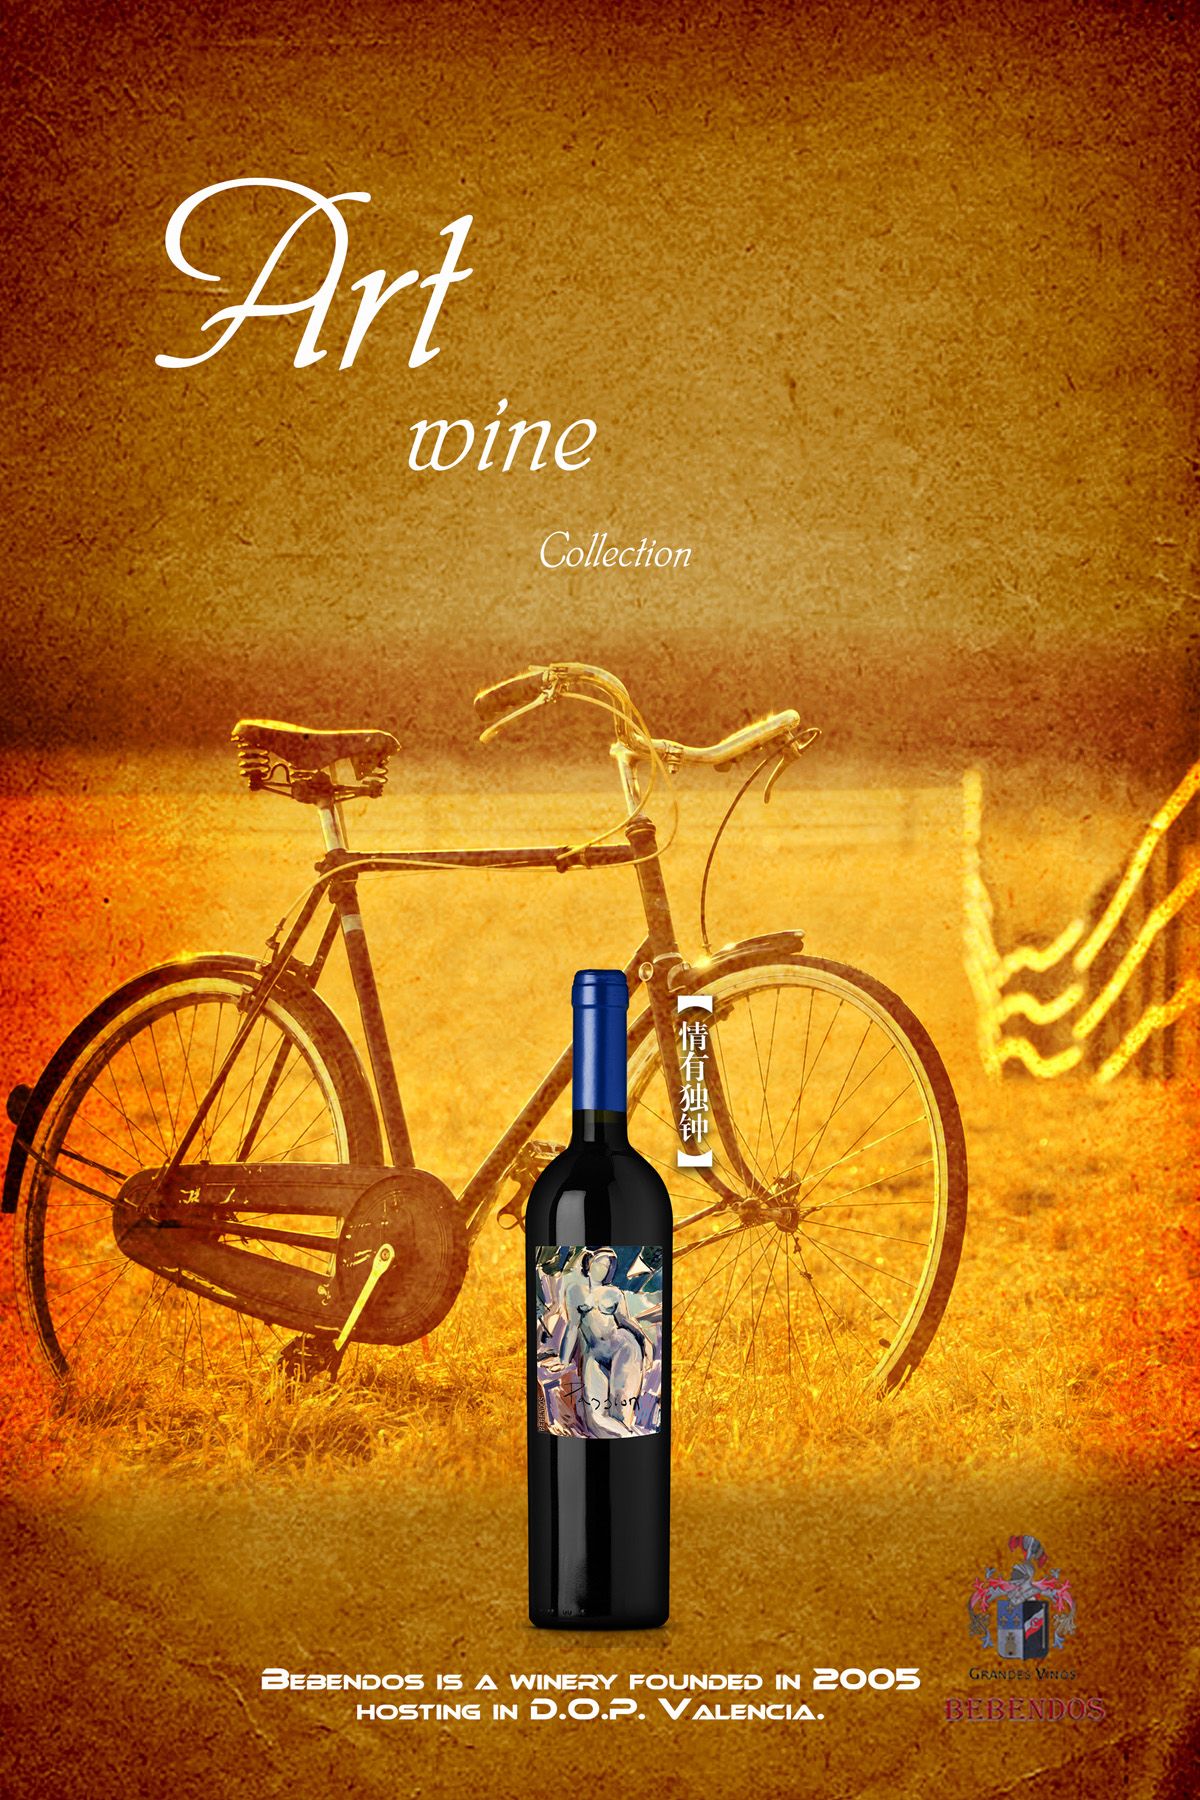 西班牙艺术酒庄自由梦系列丹魄梅洛情有独钟D.O.P干红葡萄酒